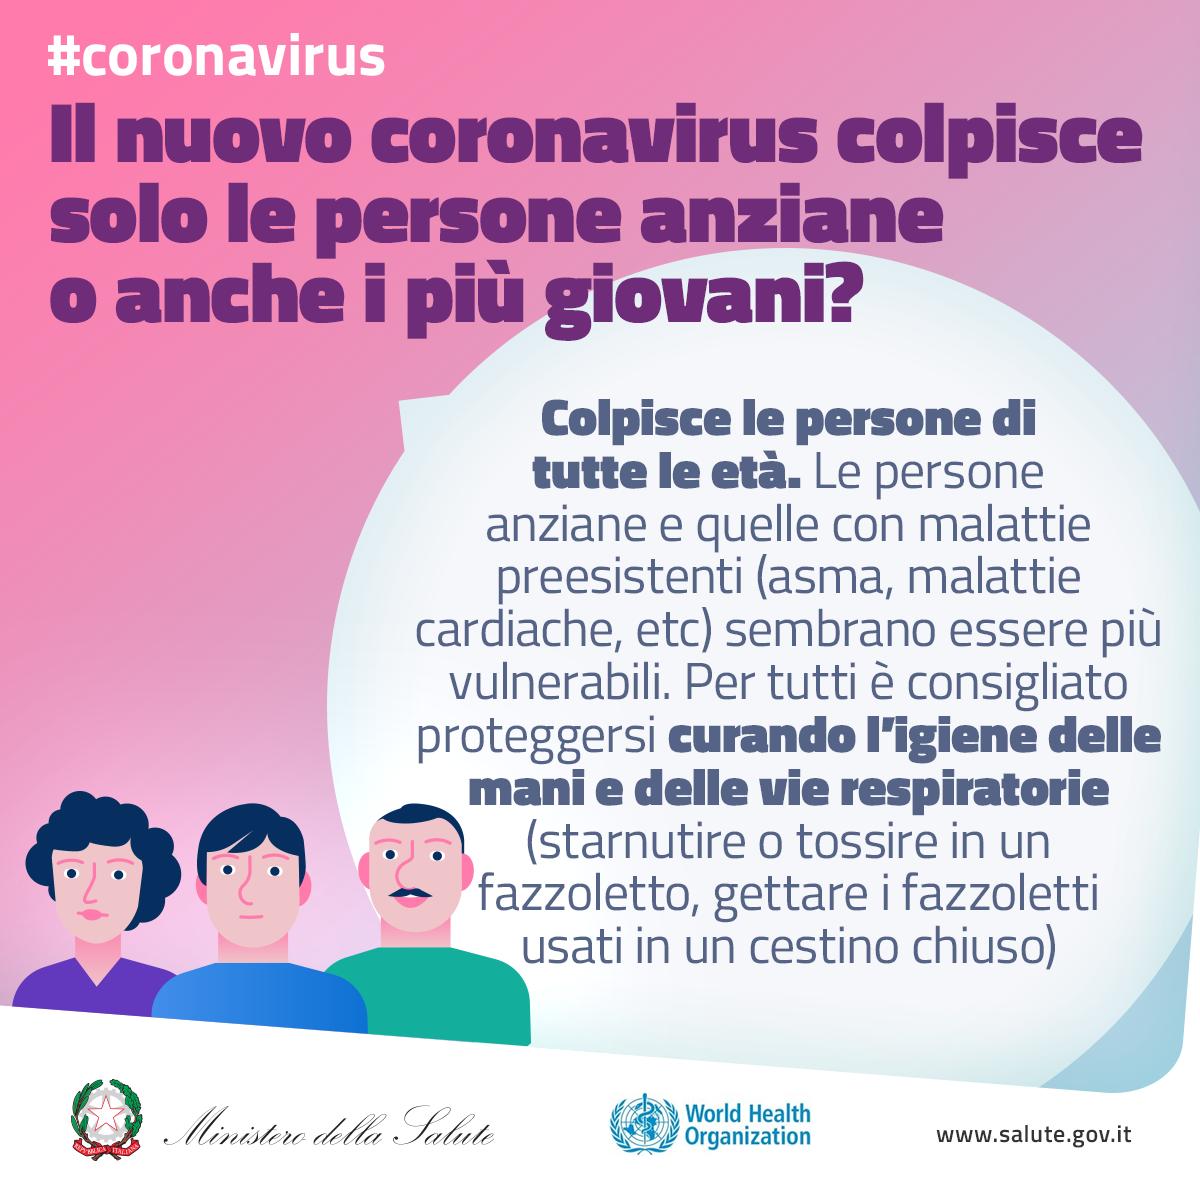 Il nuovo coronavirus colpisce solo le persone più anziane o anche i più giovani